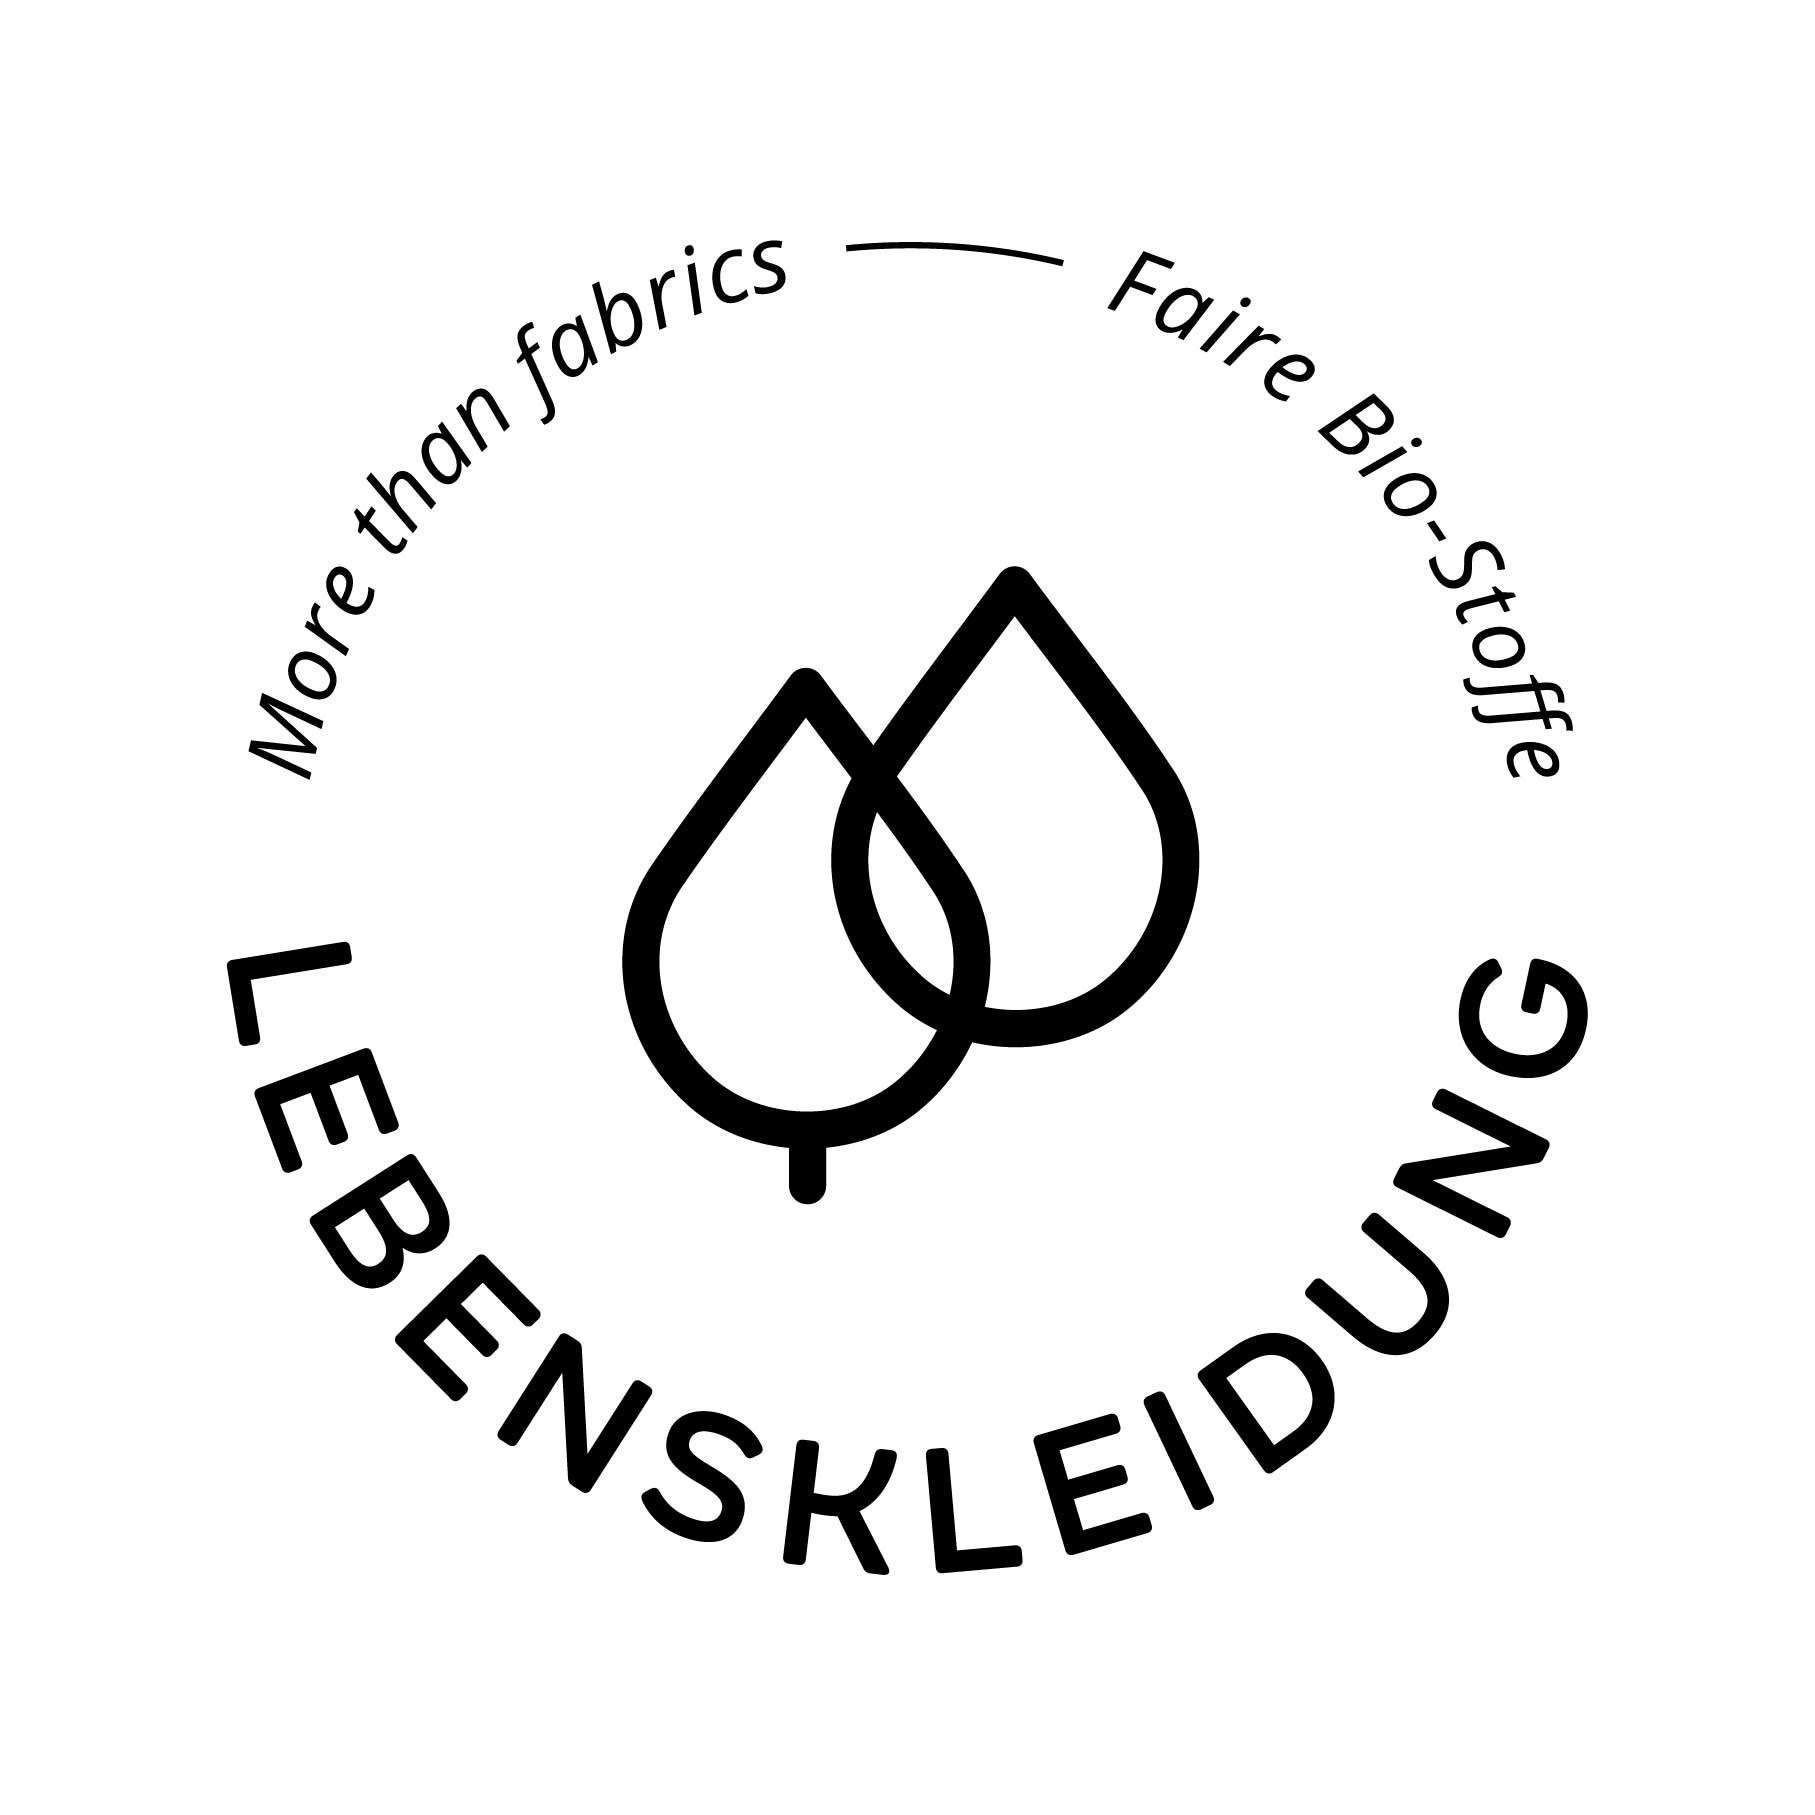 Bio Tessuto di RIB 2x1 (Polsino) - Smeraldo